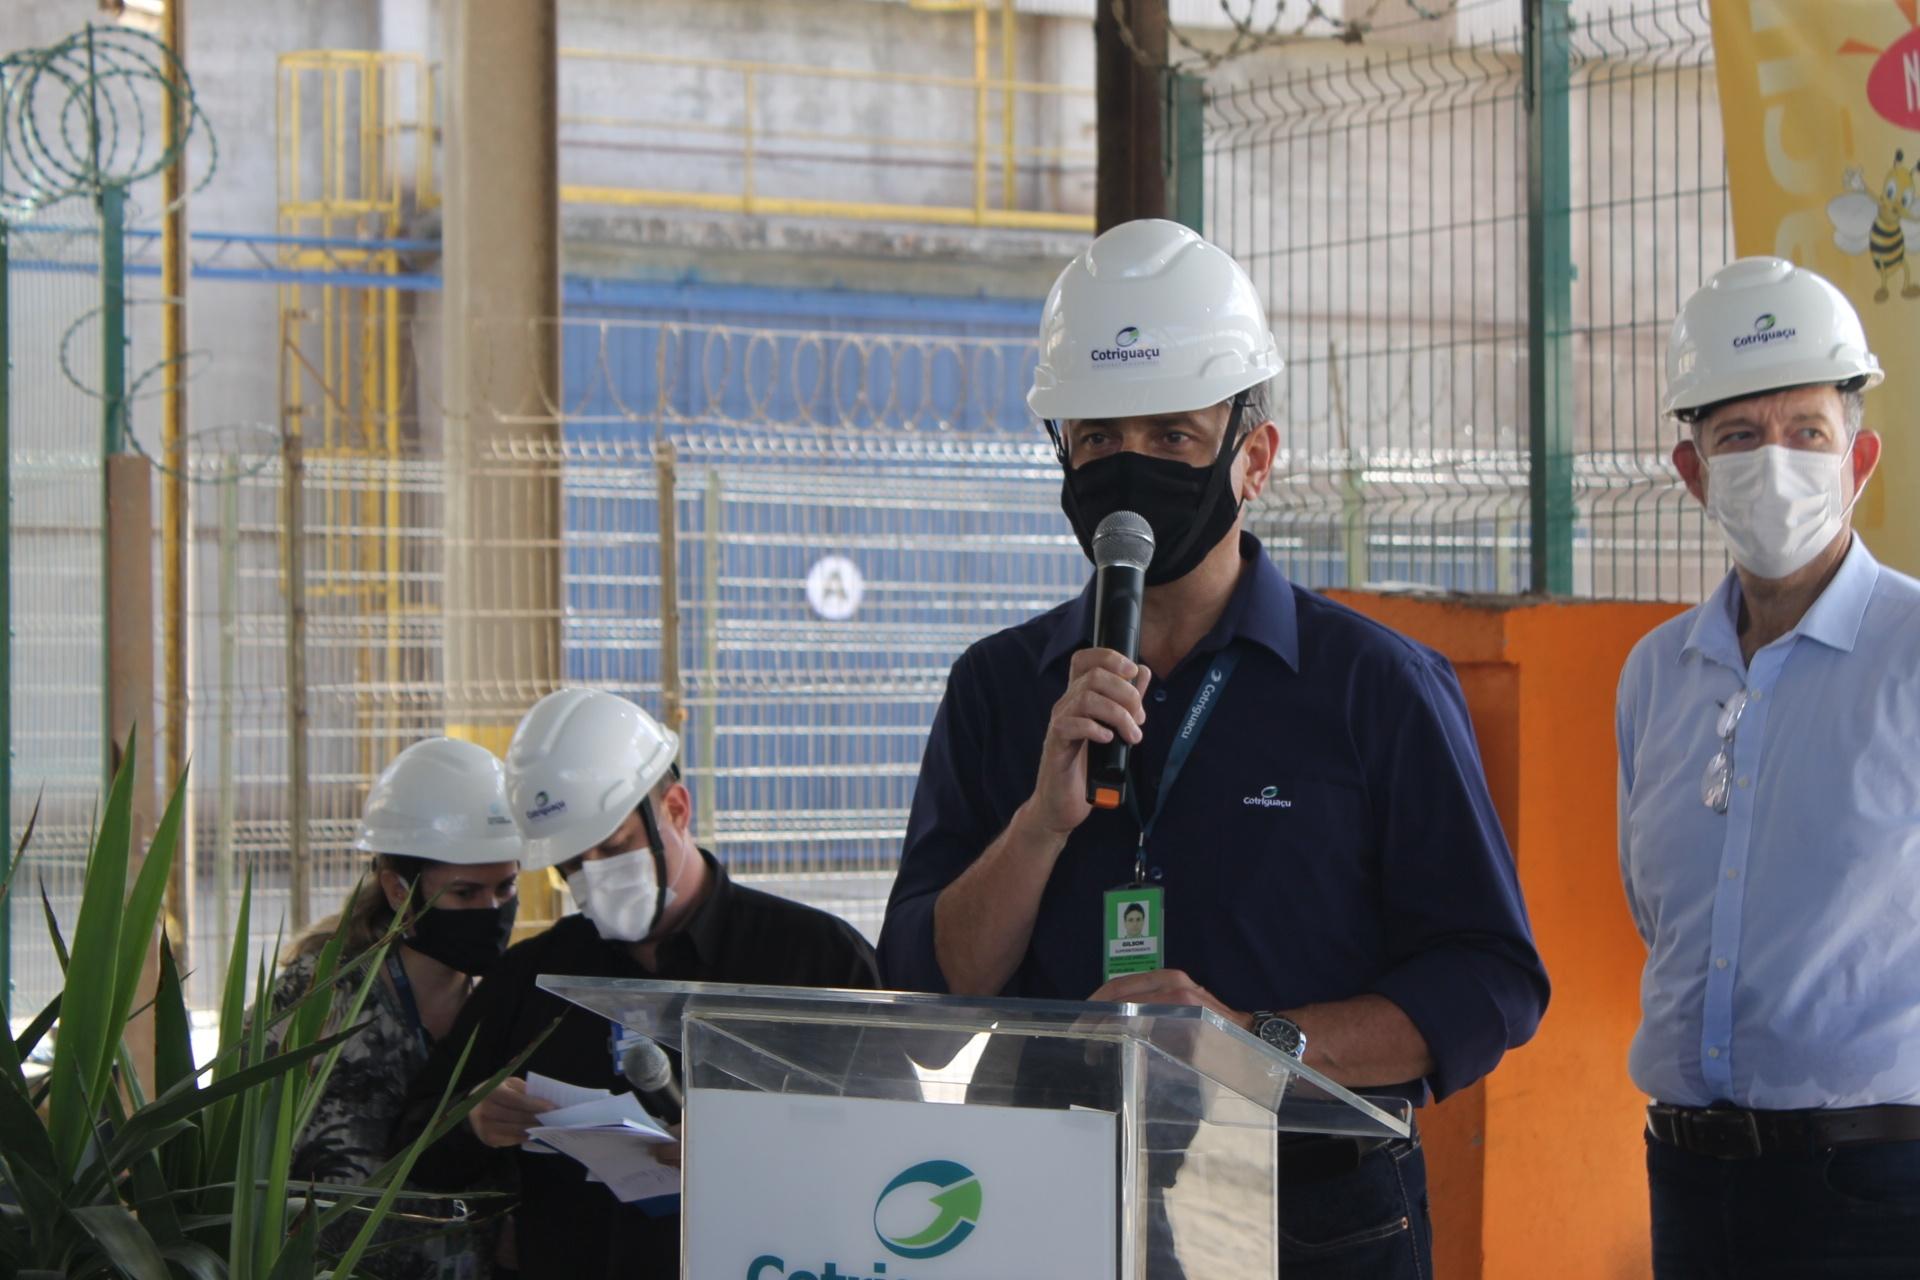 """""""Esta obra foi dedicada aos nossos clientes, aos nossos colaboradores pela segurança, mas aos clientes que são nossa razão de ser no Porto de Paranaguá"""", destaca o superintendente da Cotriguaçu, Gilson Luiz Anizelli"""